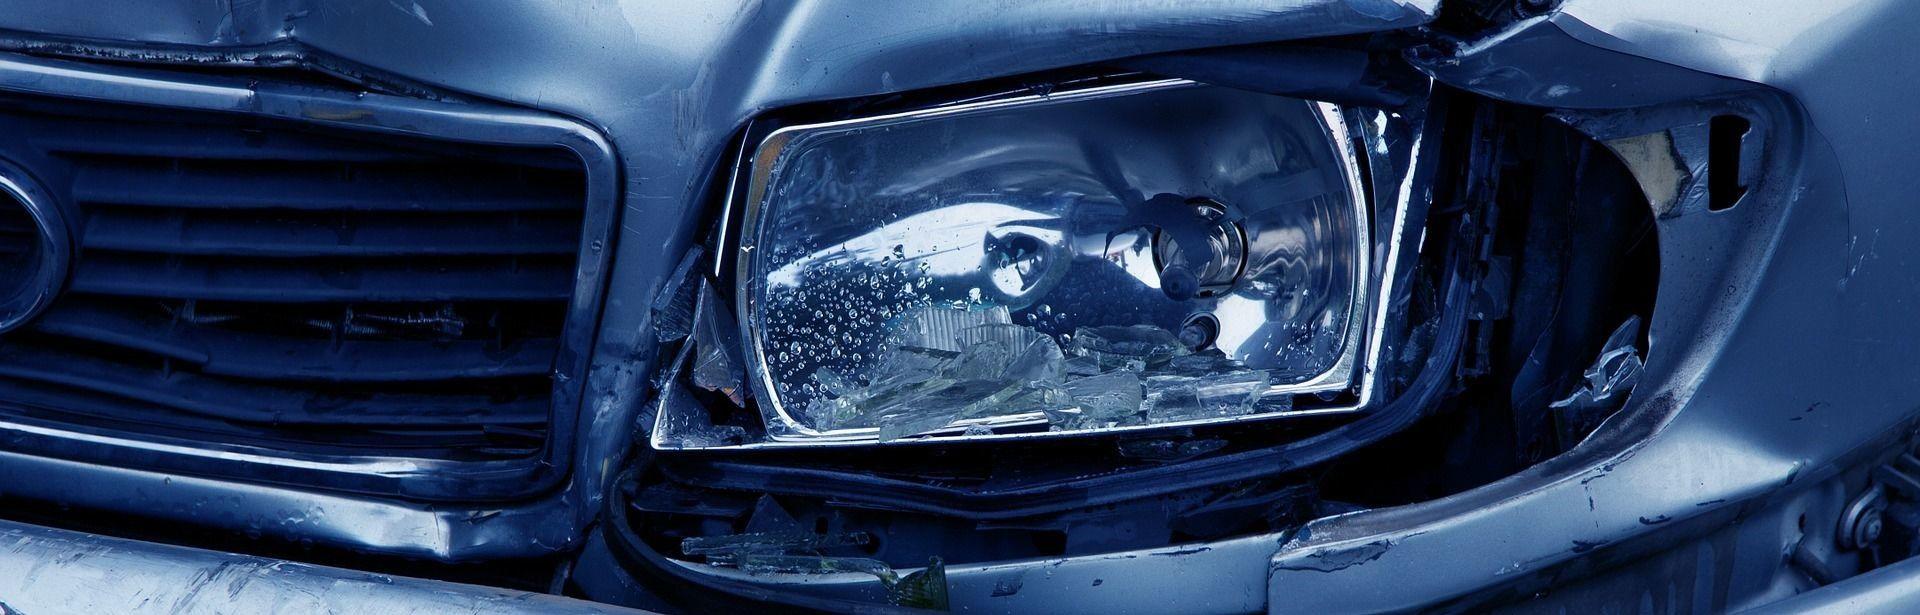 Unfall auf dem Arbeitsweg absetzbar?